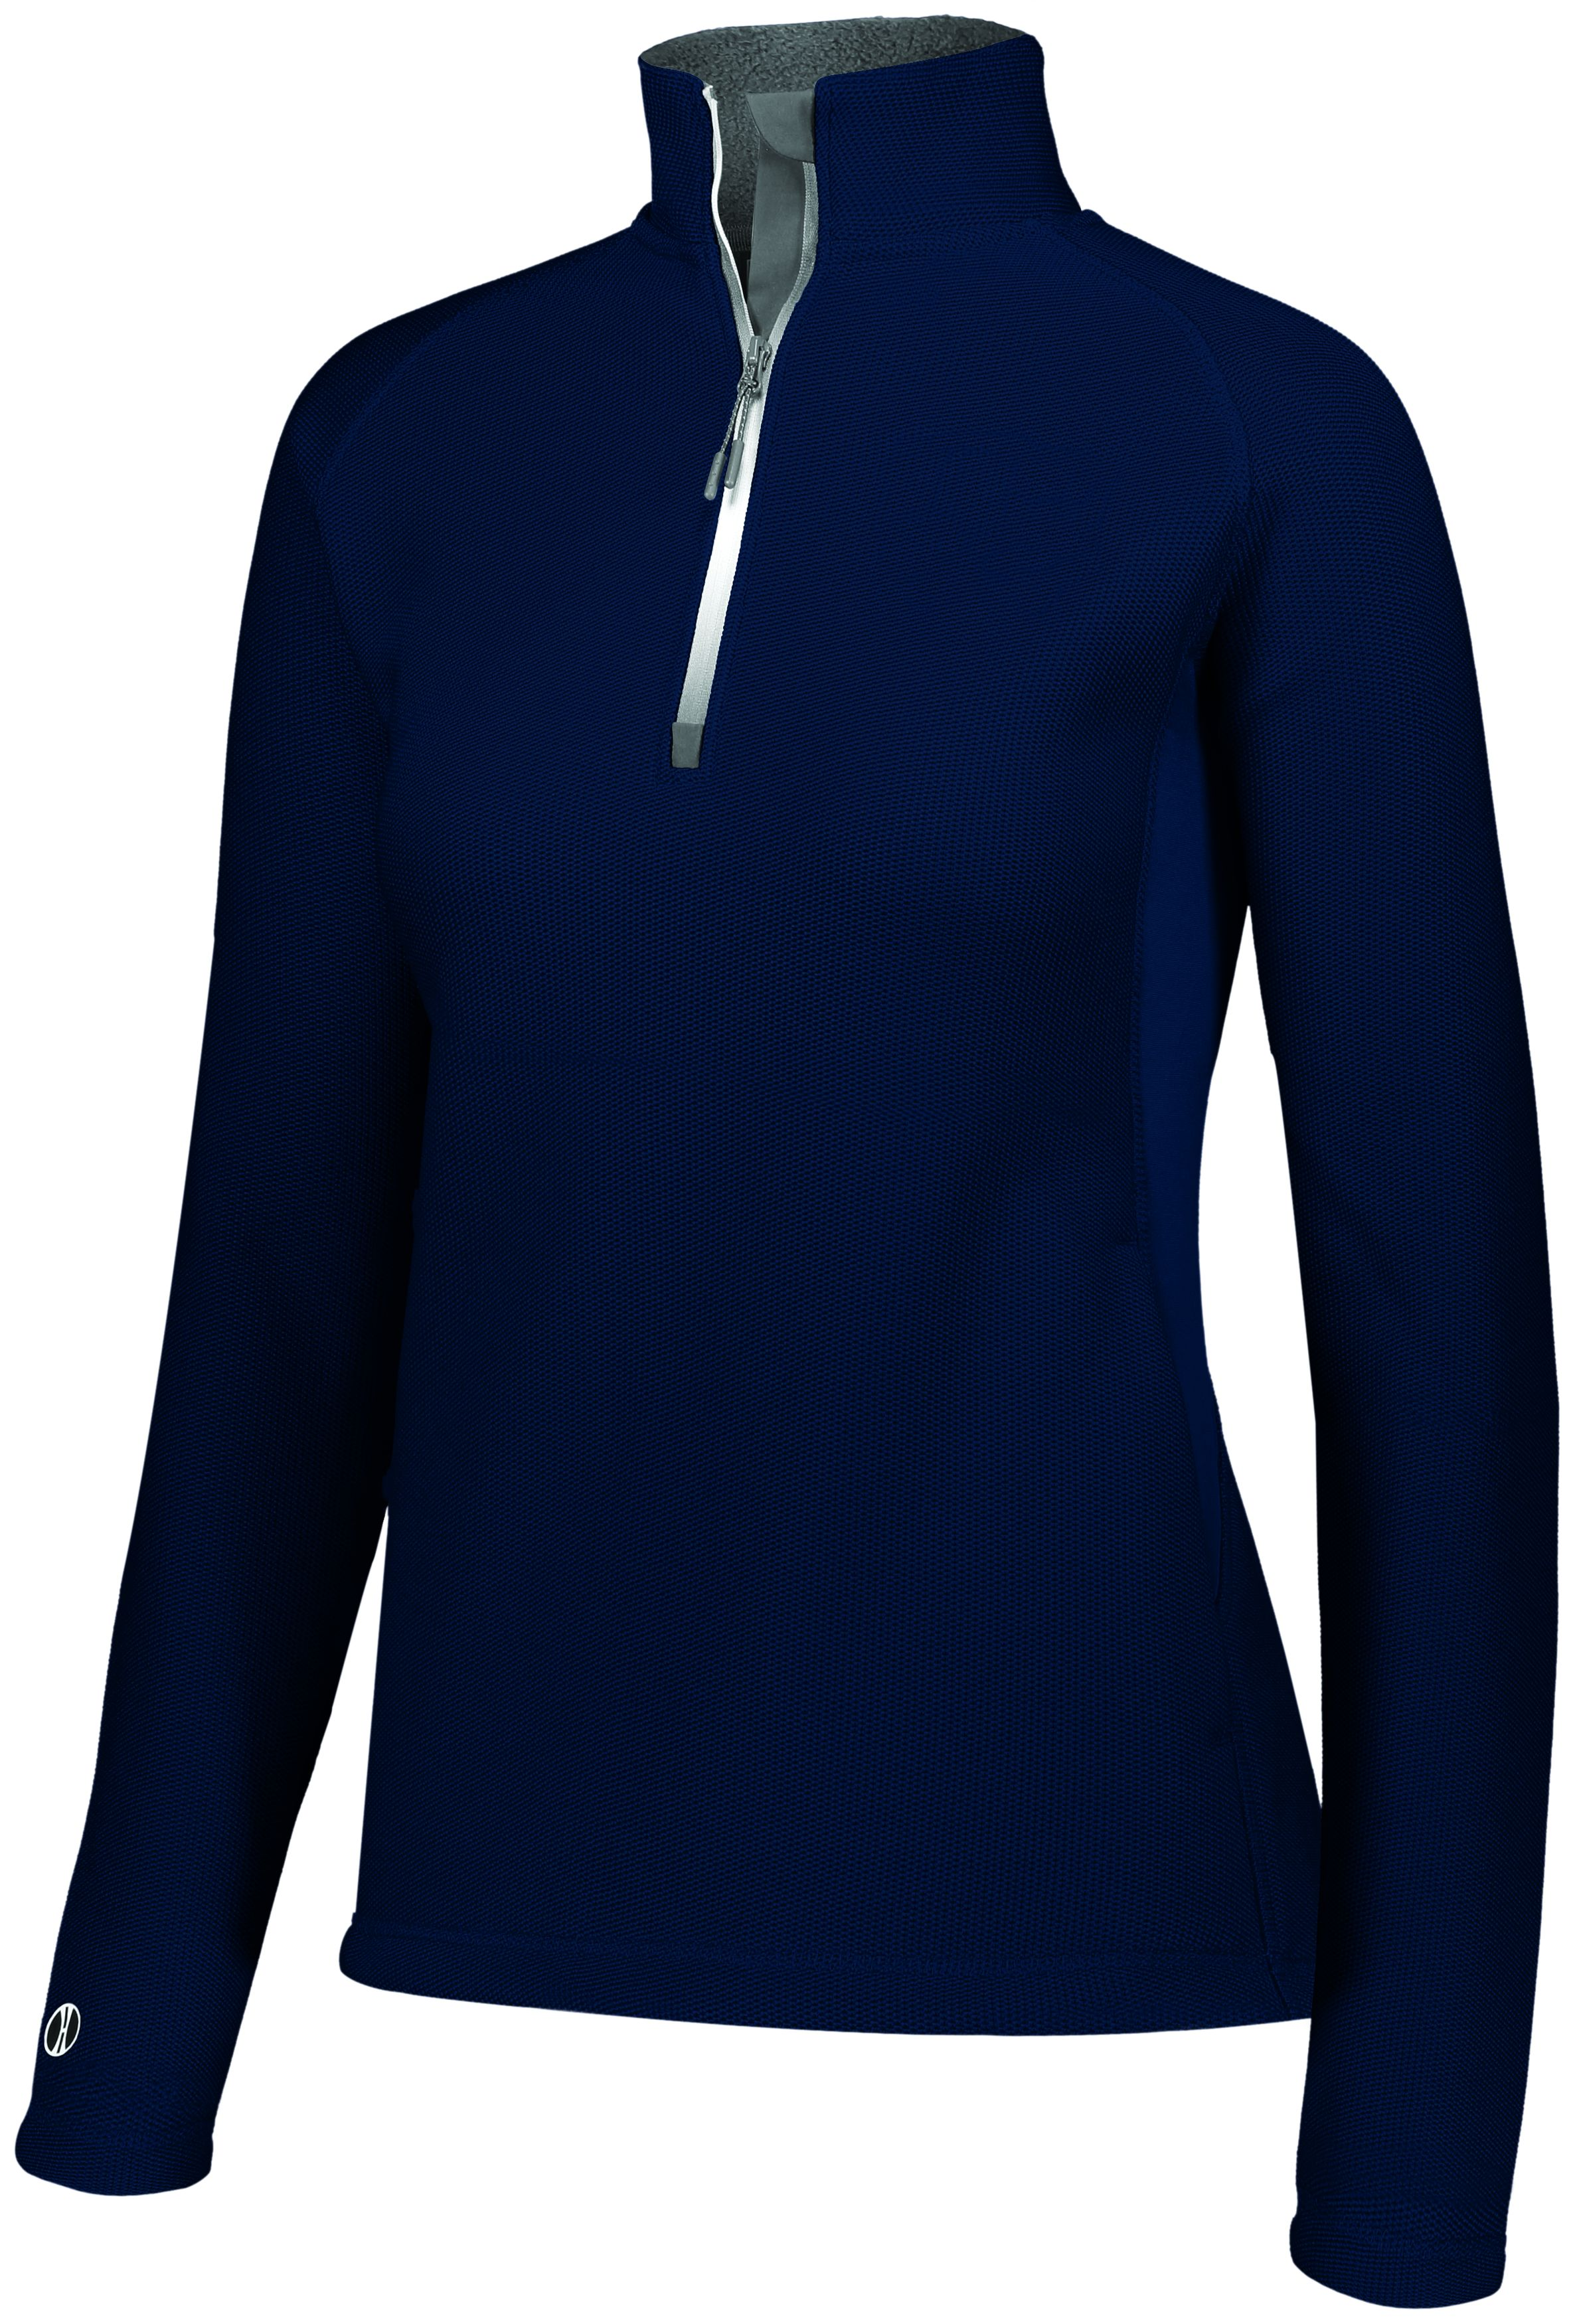 Ladies Invert 1/2 Zip Pullover - NAVY